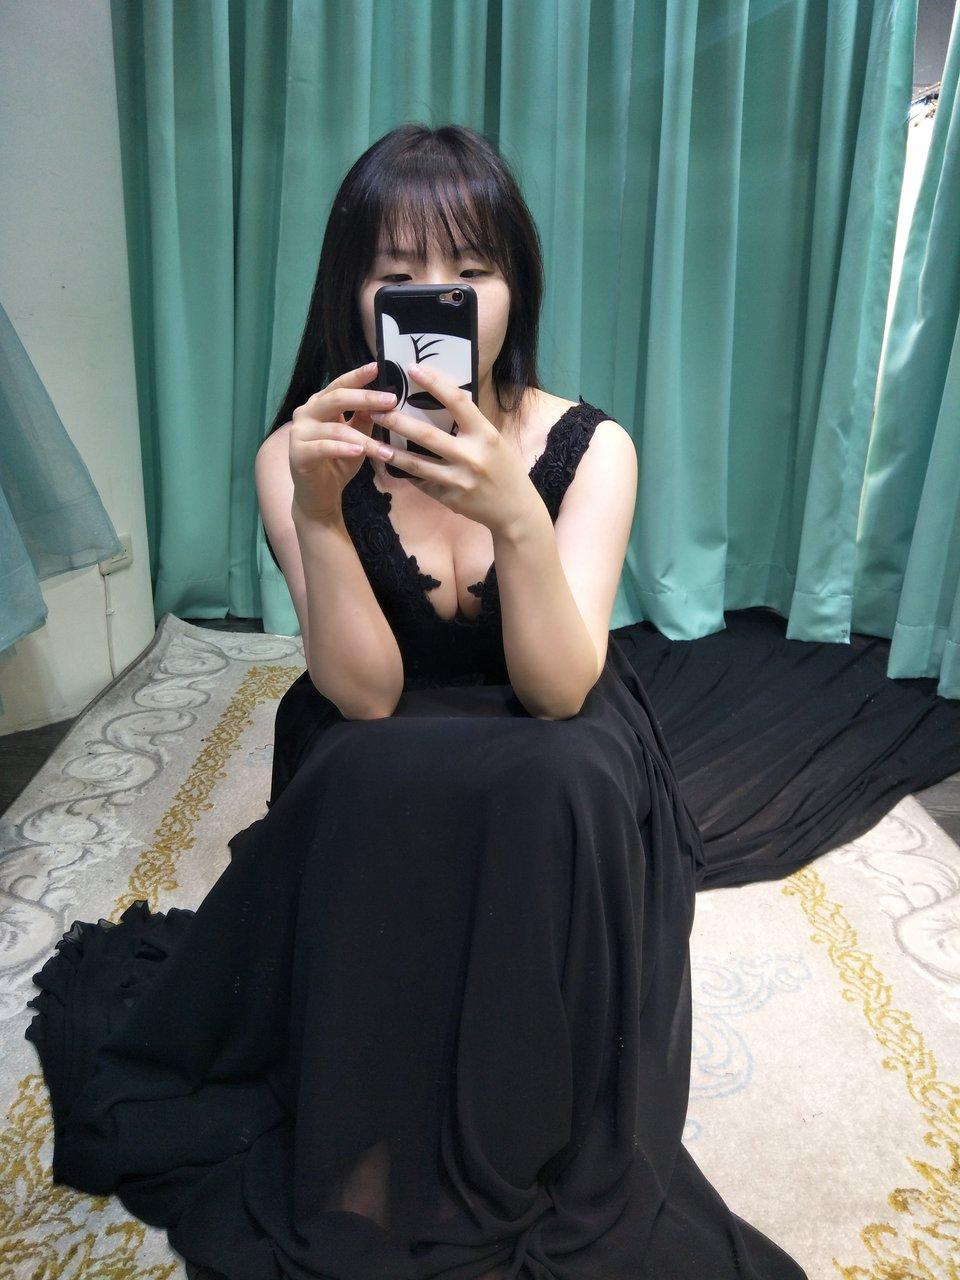 伊頓自助婚紗攝影工作室(台北西門店),很讚啊啊啊😍😍🙌🙌